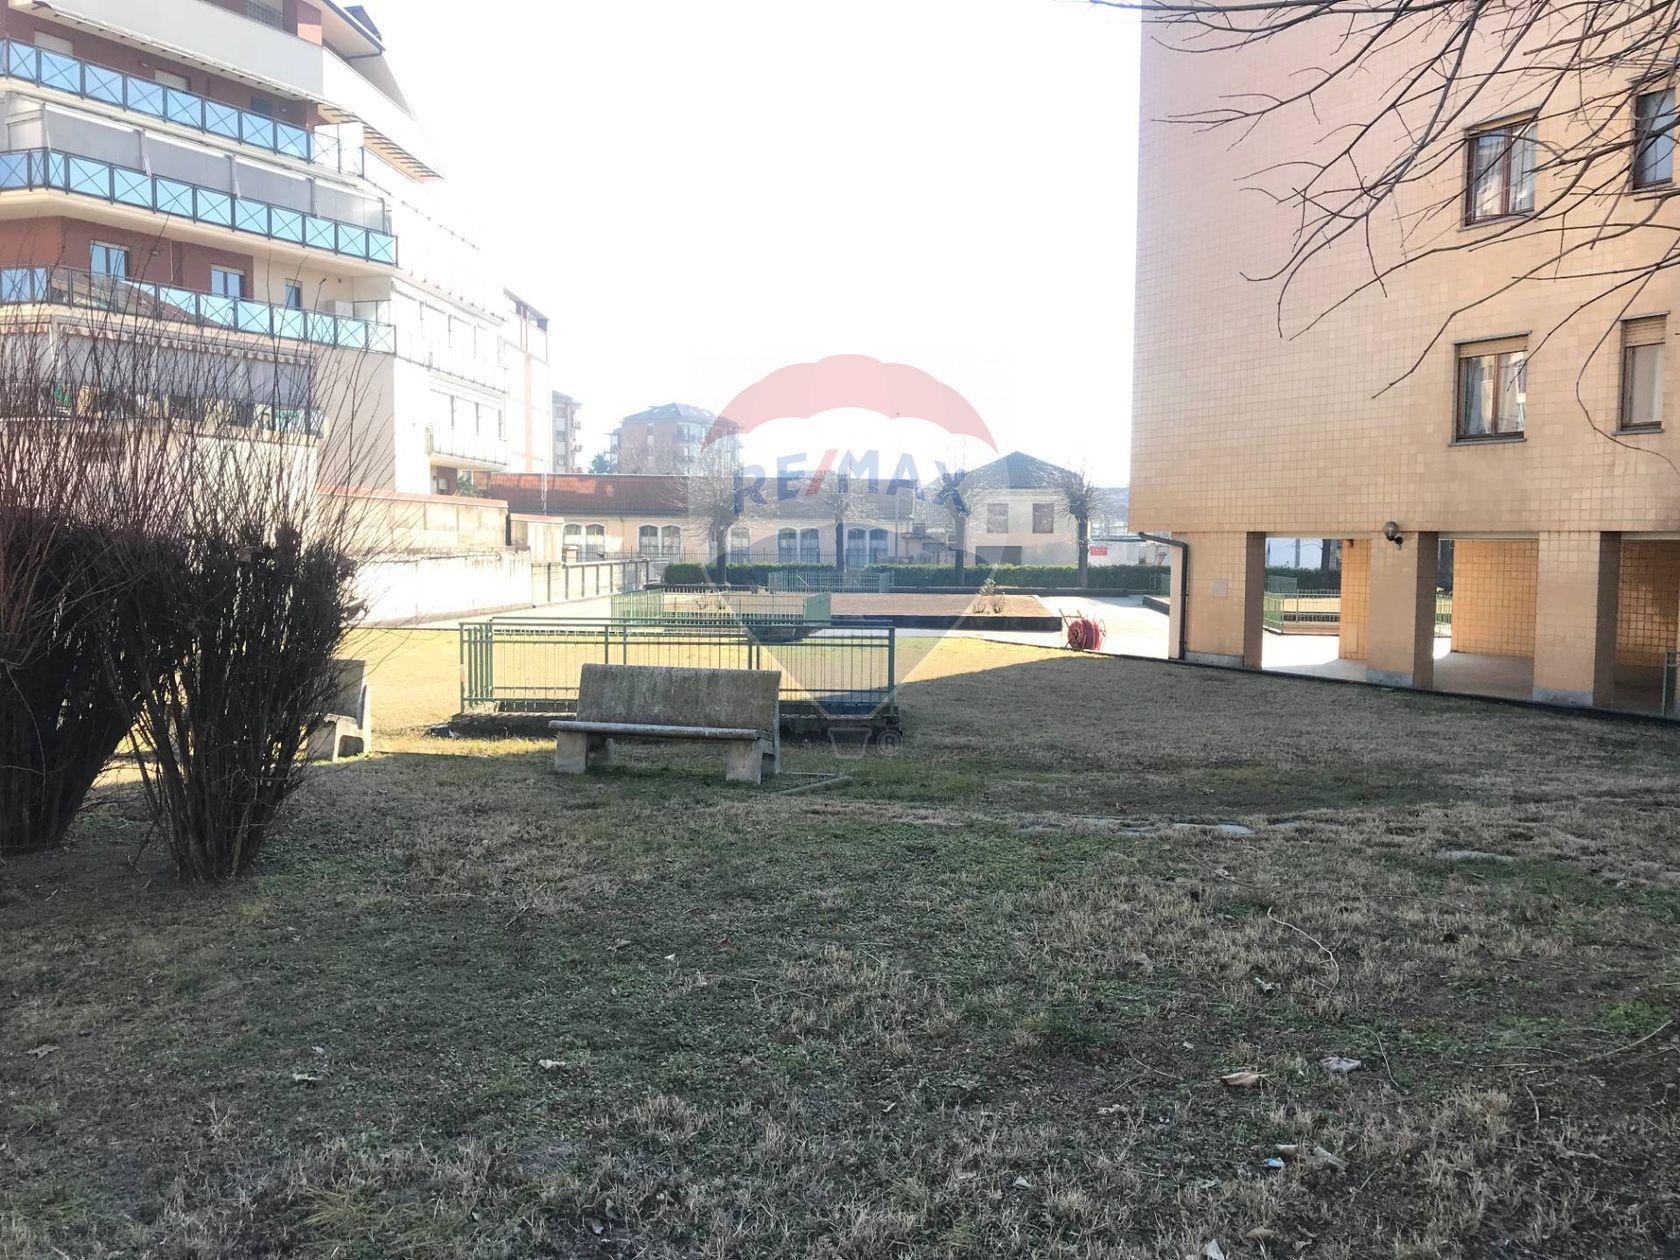 Appartamento San Pietro, Moncalieri, TO Vendita - Foto 5